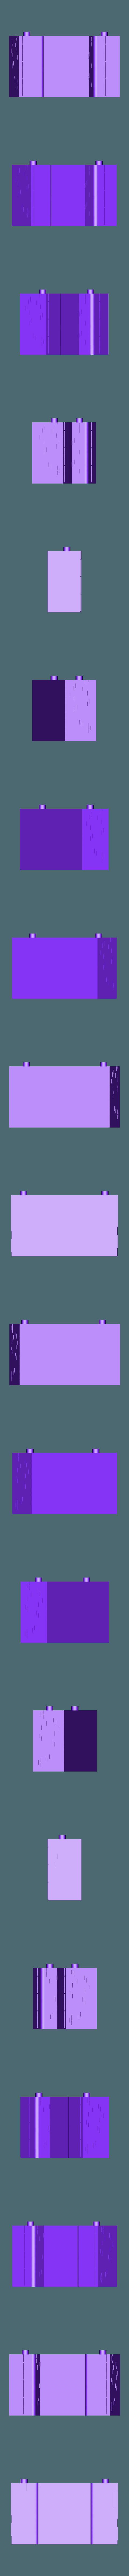 hi_pav_str_1b.stl Télécharger fichier STL gratuit Ripper's London - Canaux modulaires • Plan pour impression 3D, Earsling